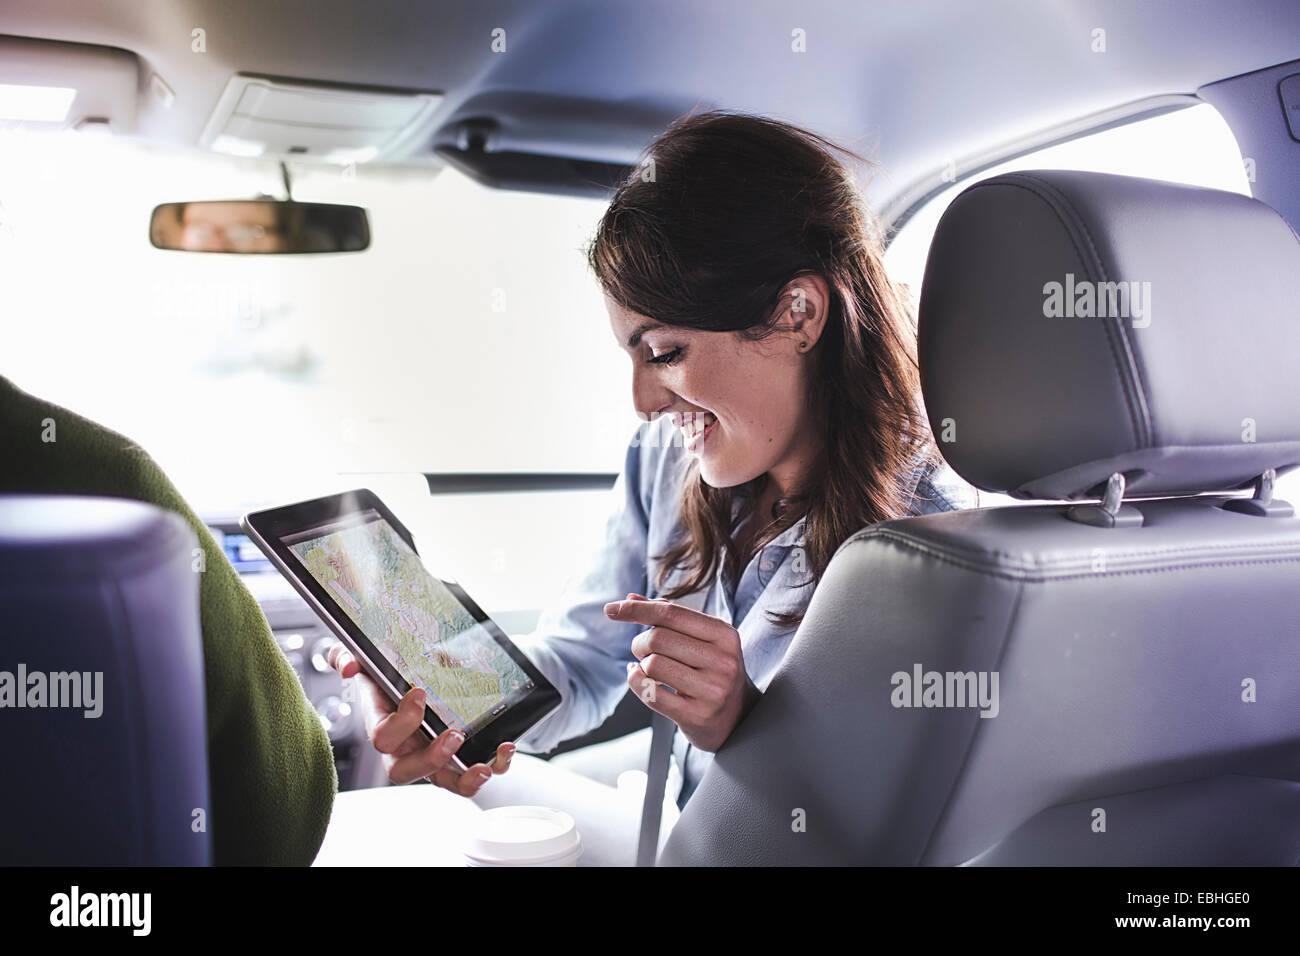 Sulla spalla vista della giovane donna in auto anteriore sedile utilizzando digitale compressa mappa Immagini Stock